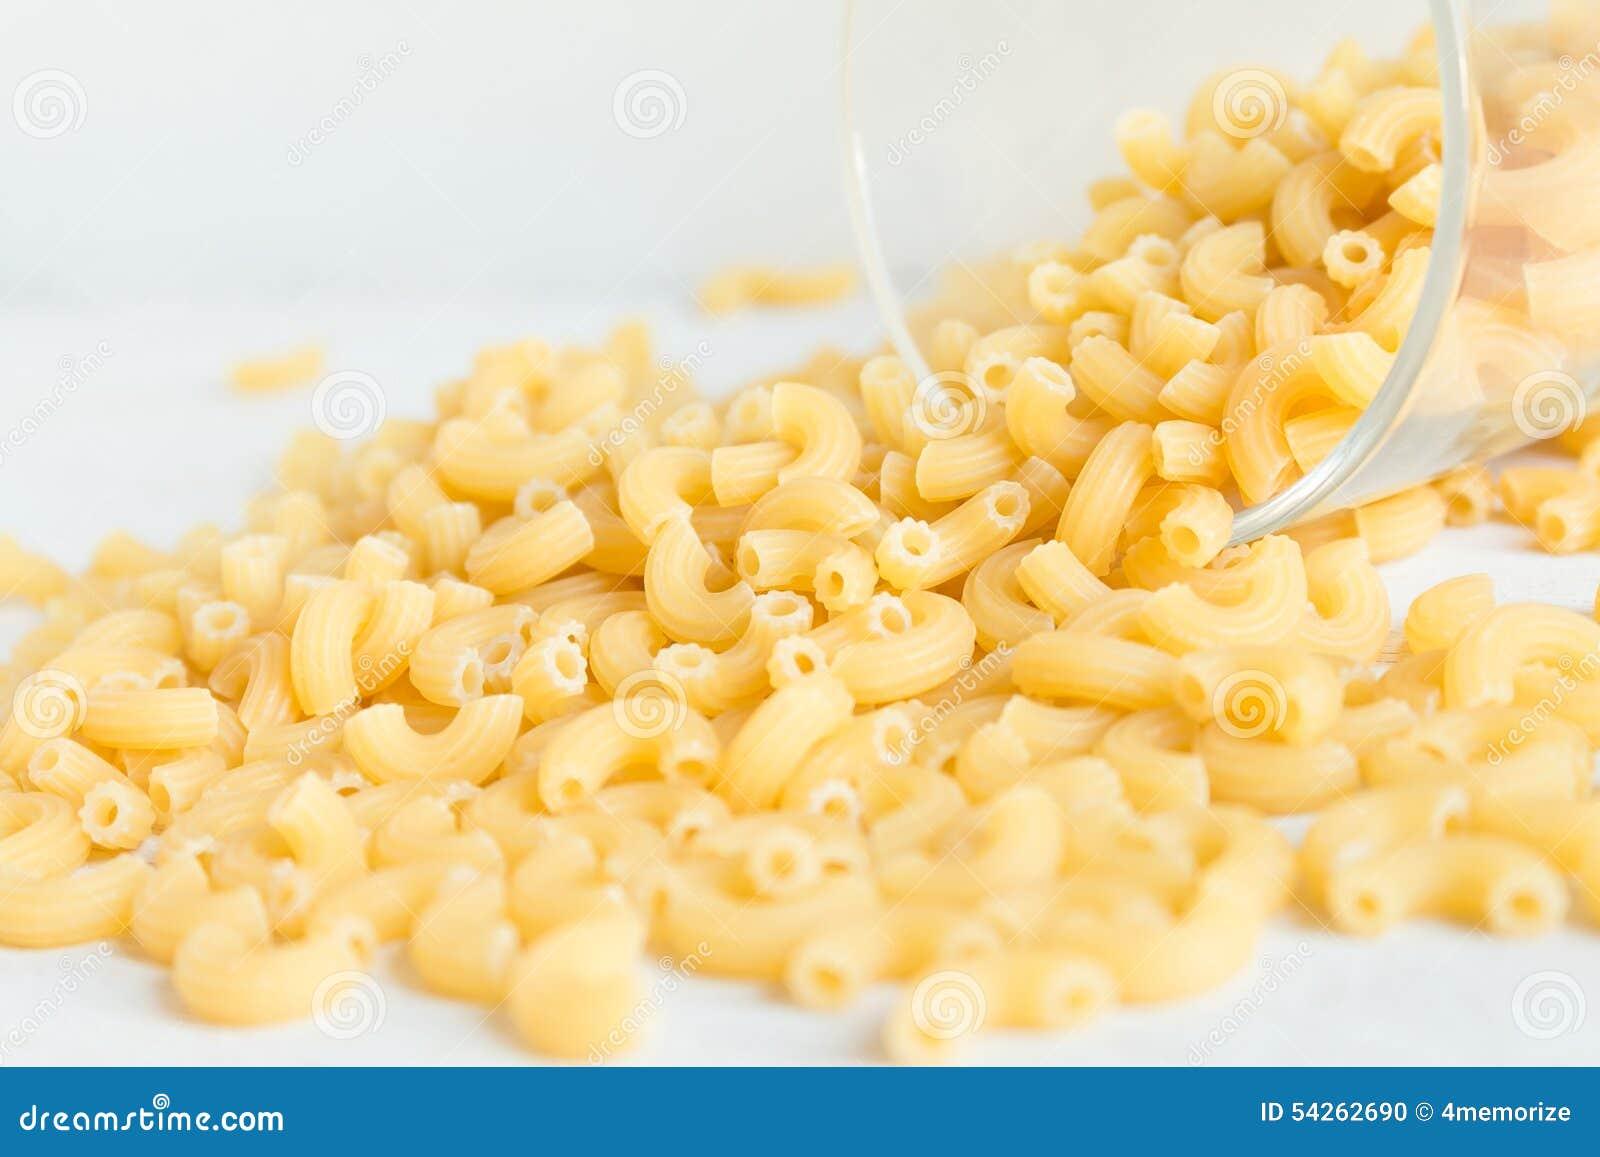 Closeup Of Dry Elbow Macaroni Pasta Stock Photo